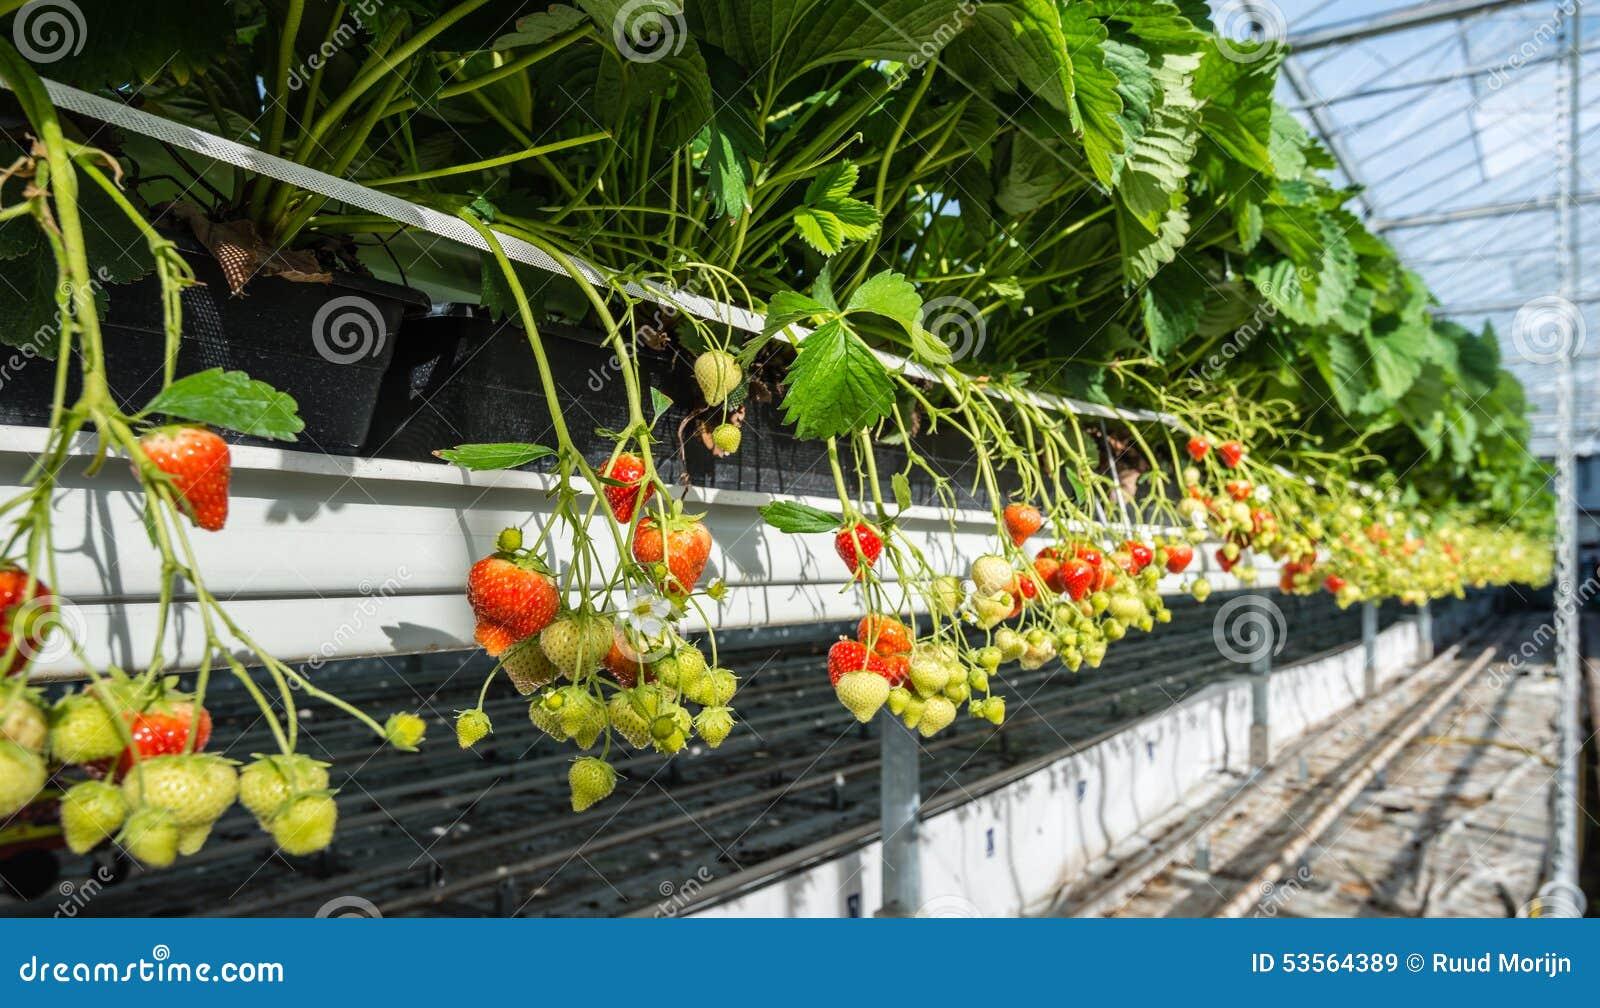 Culture hydroponique de fraise une hauteur de travail - Colture idroponiche in casa ...